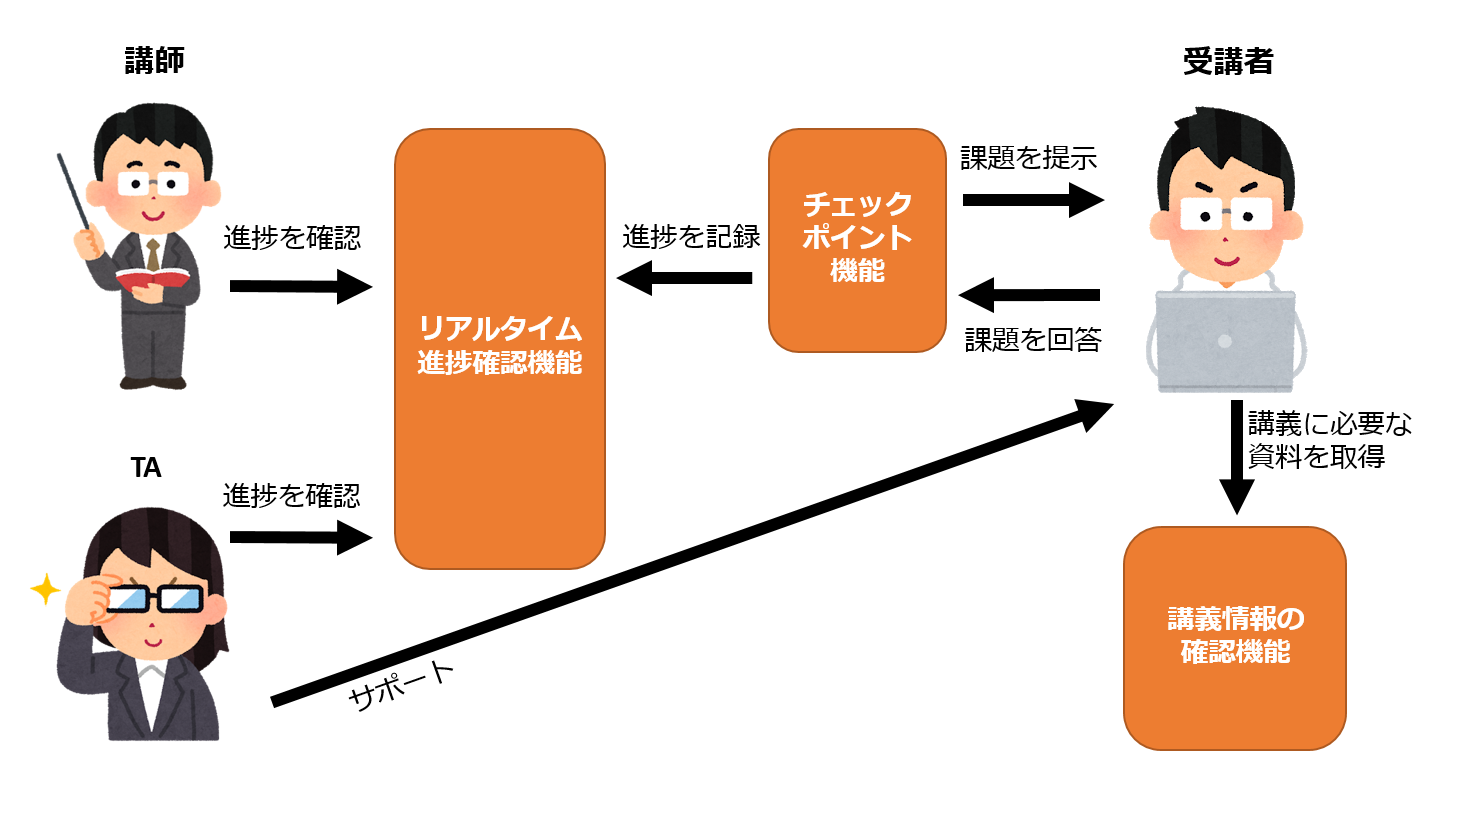 「開発者向けオンライン研修を管理・補助するツール「VisualBootcamp」」のイメージ